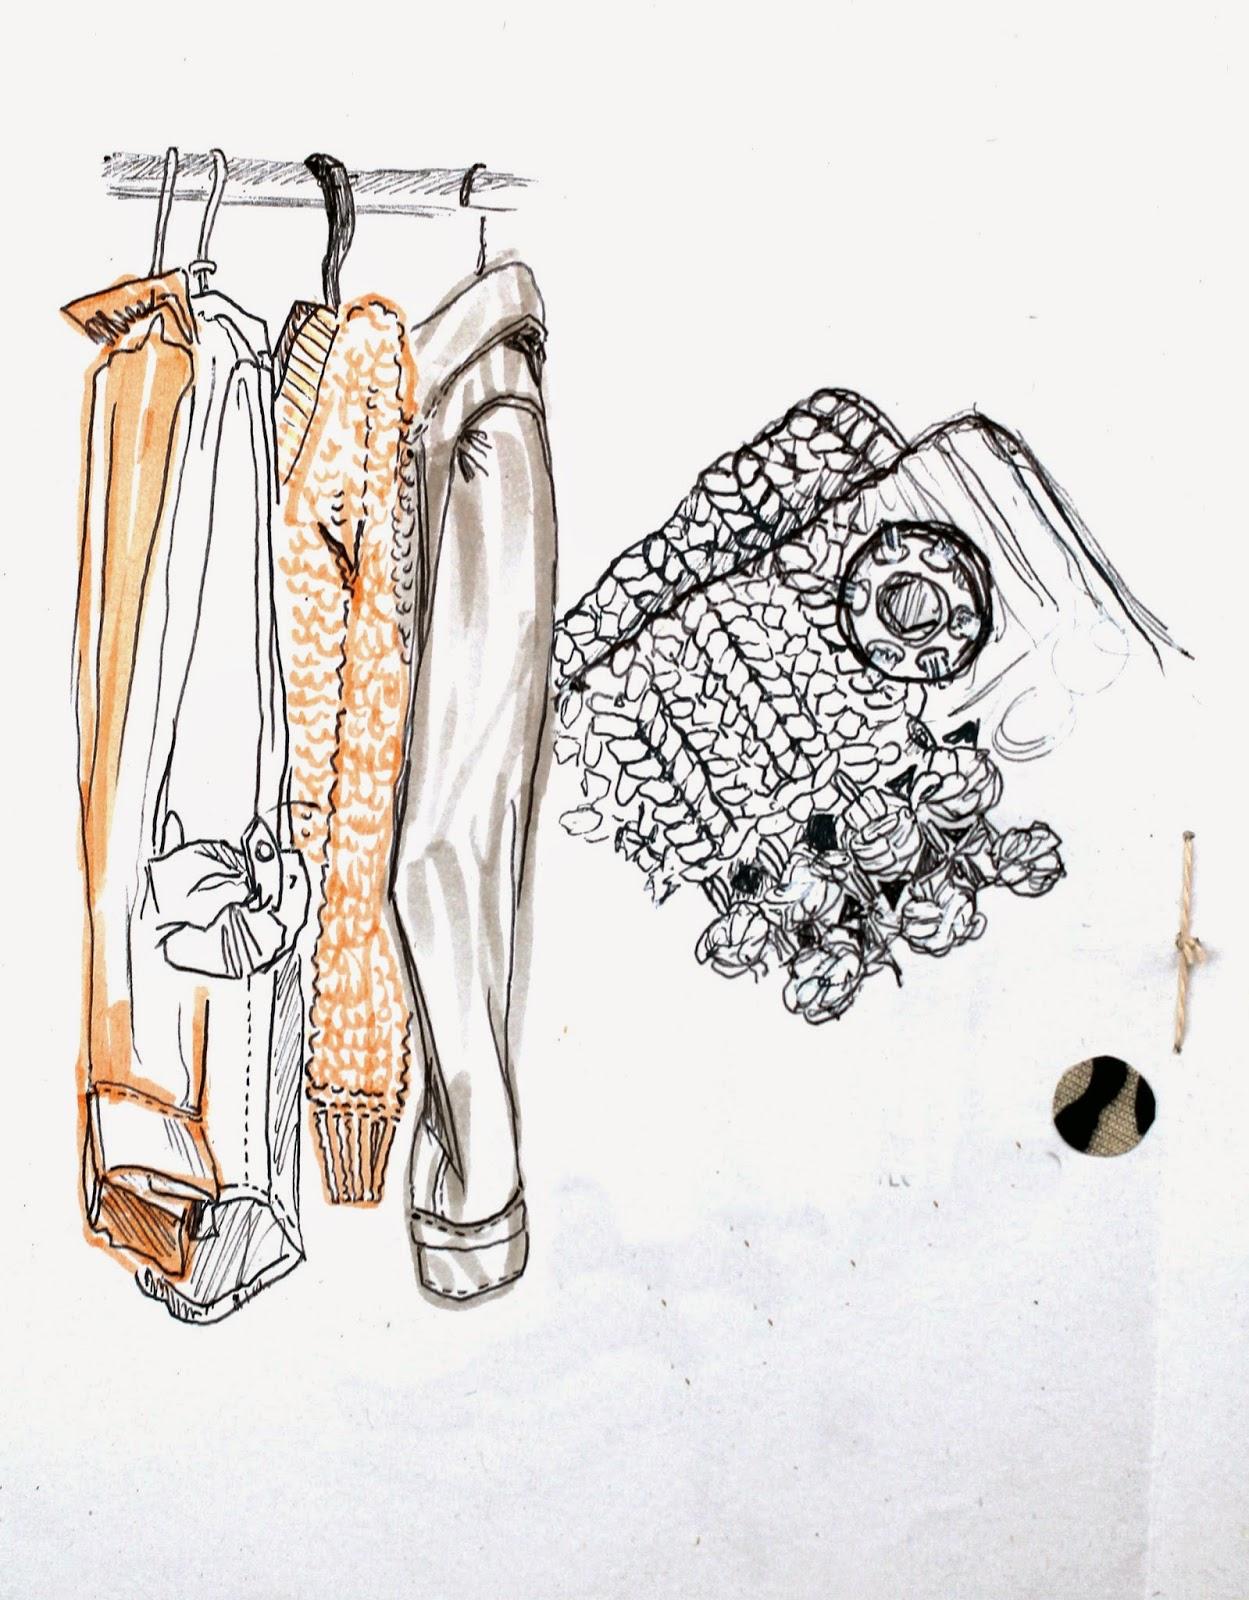 Dessin de dressing x design construire dressing sur for Dessin dressing